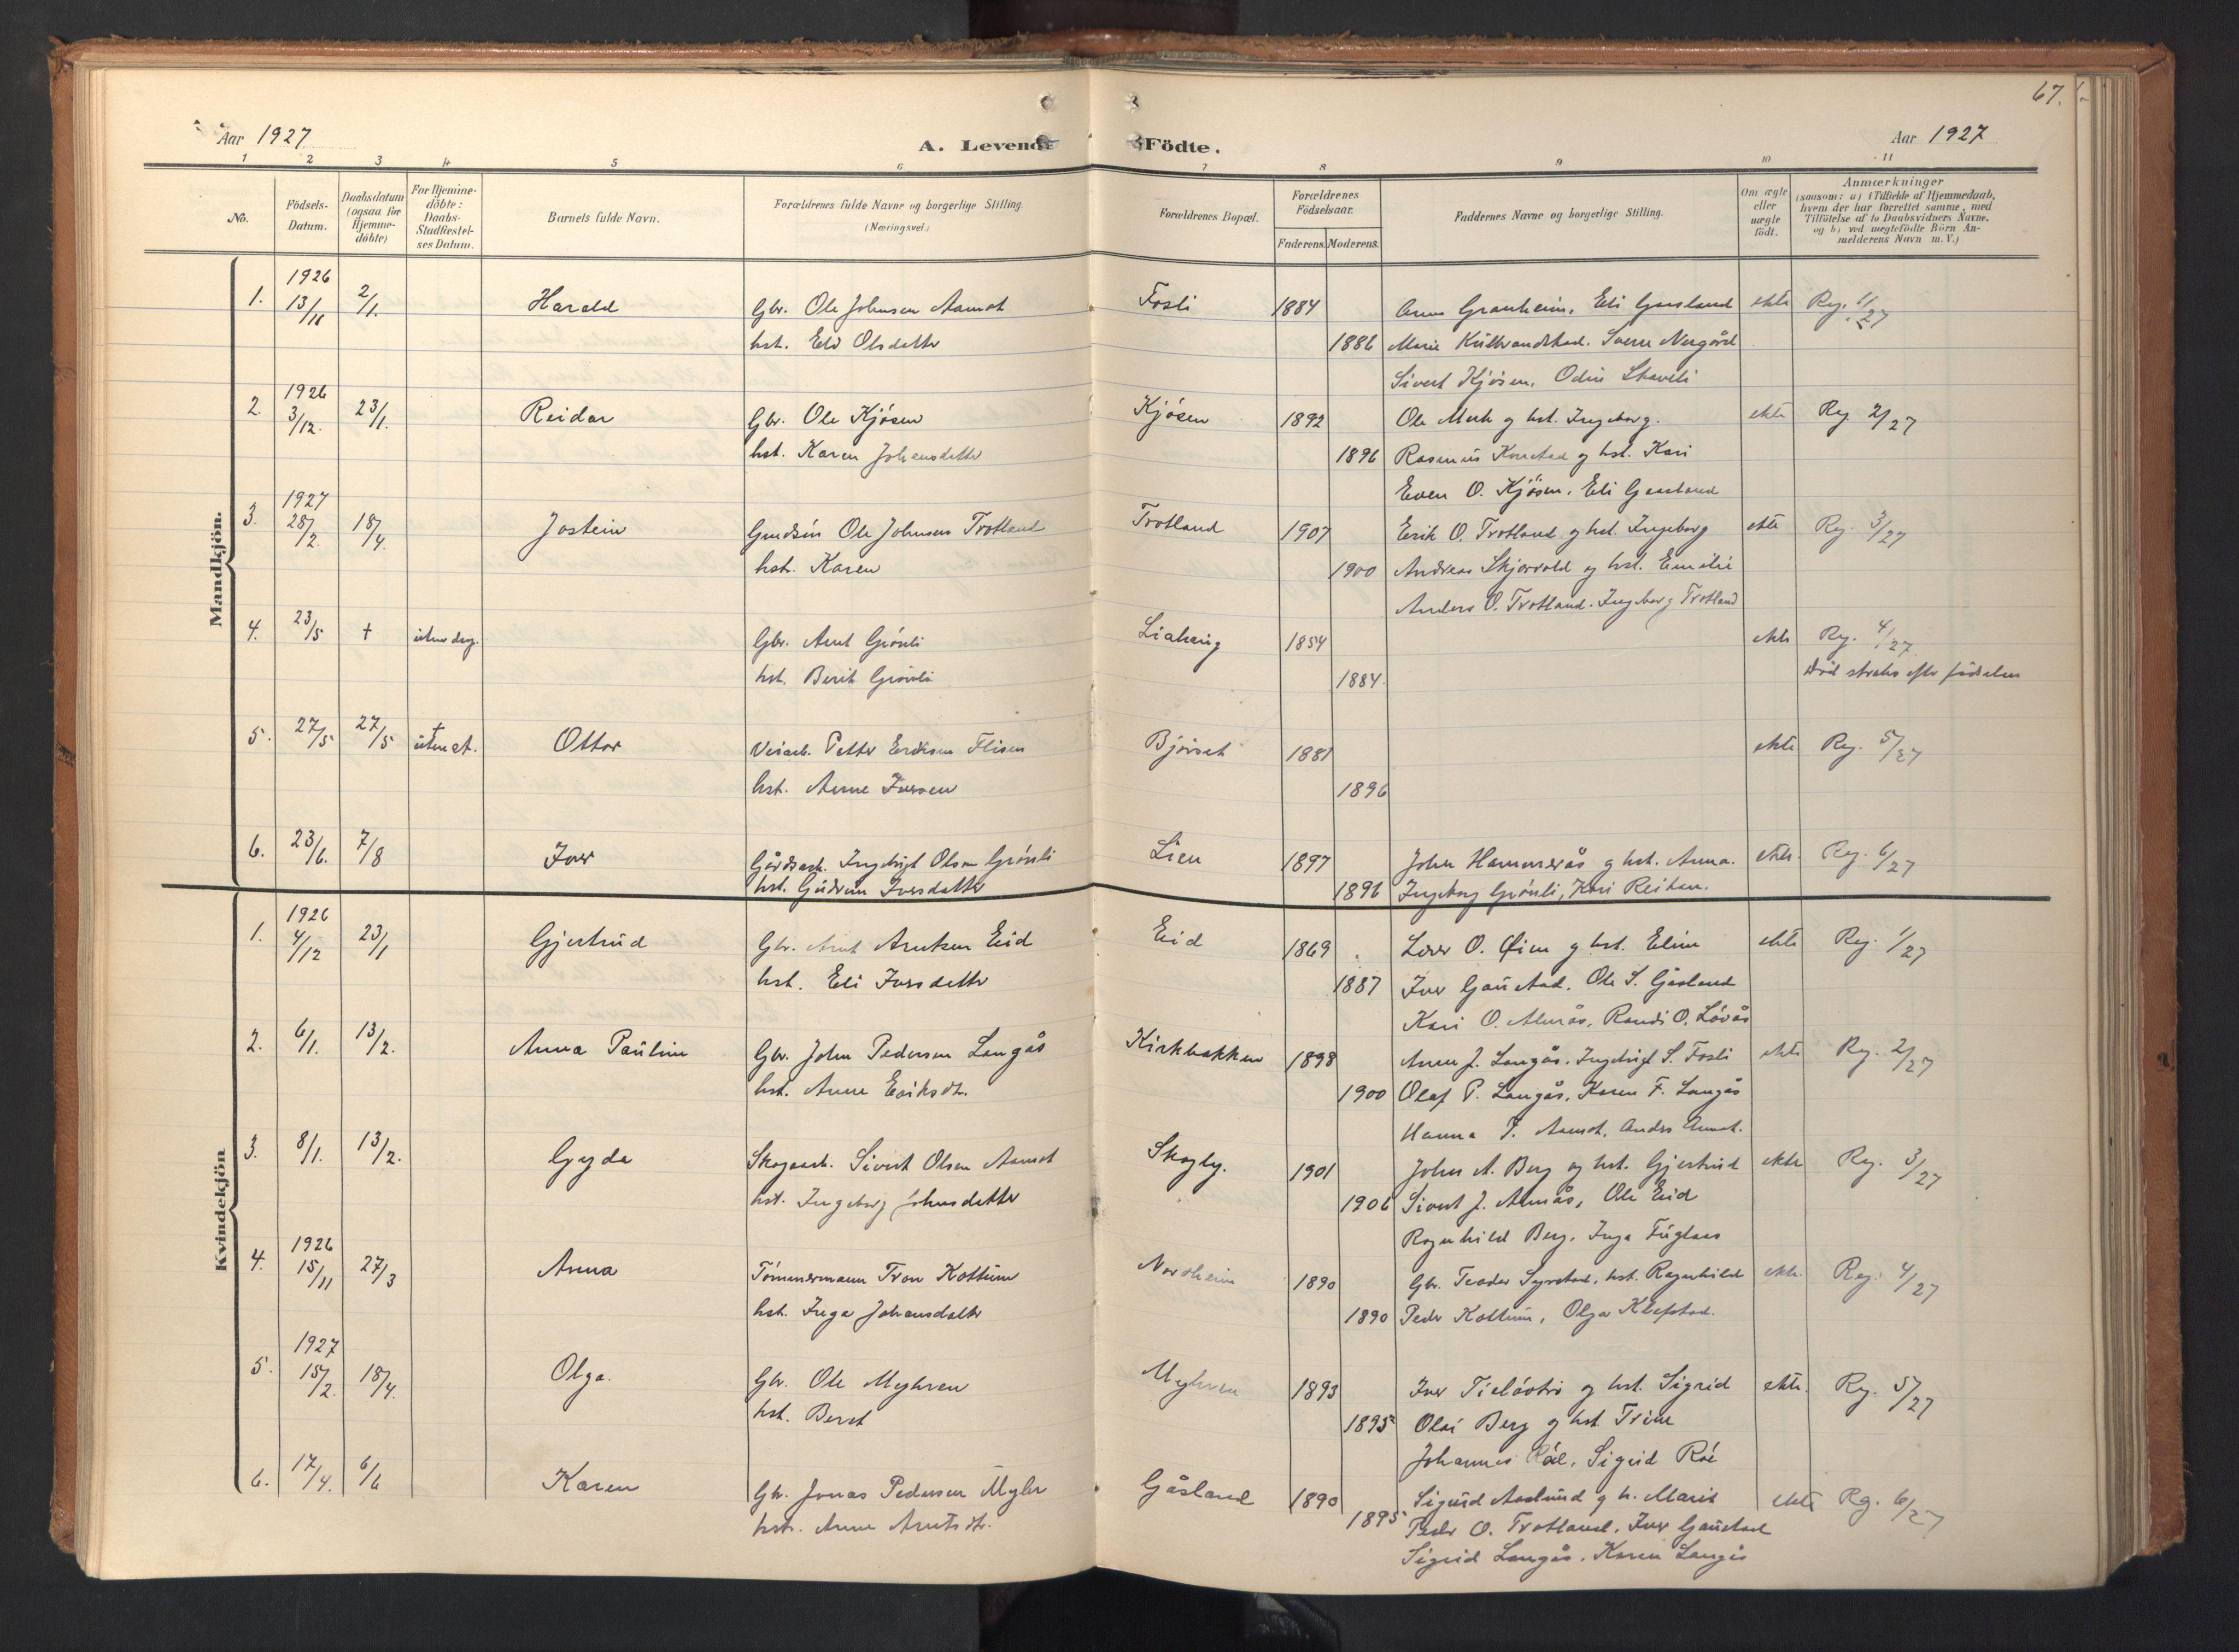 SAT, Ministerialprotokoller, klokkerbøker og fødselsregistre - Sør-Trøndelag, 694/L1128: Ministerialbok nr. 694A02, 1906-1931, s. 67